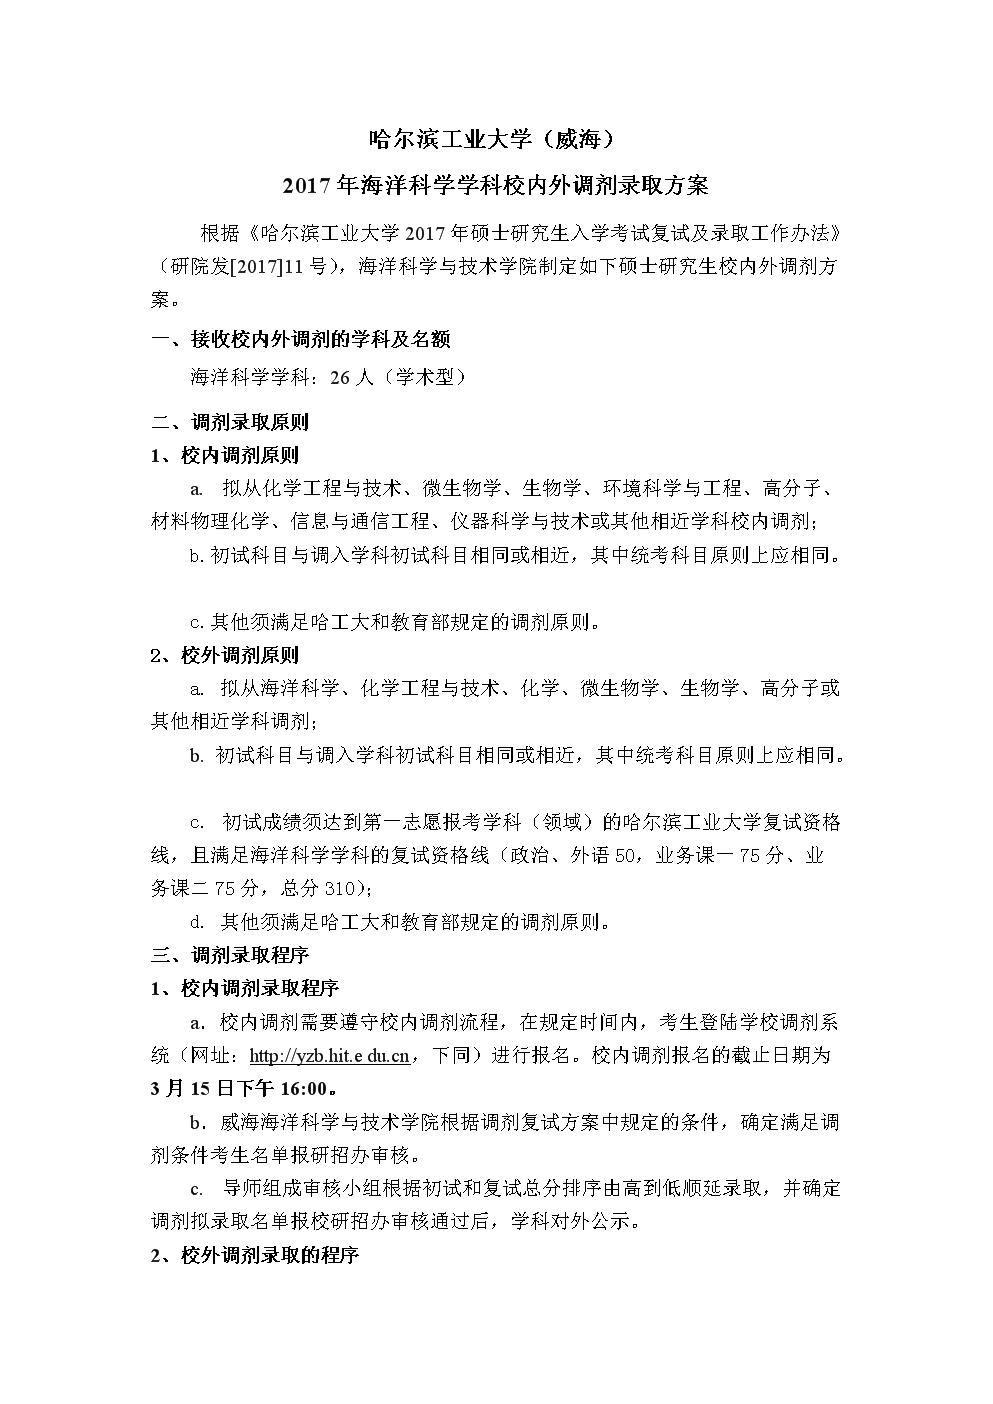 哈工大(威海)海洋科學學科(校內外.doc